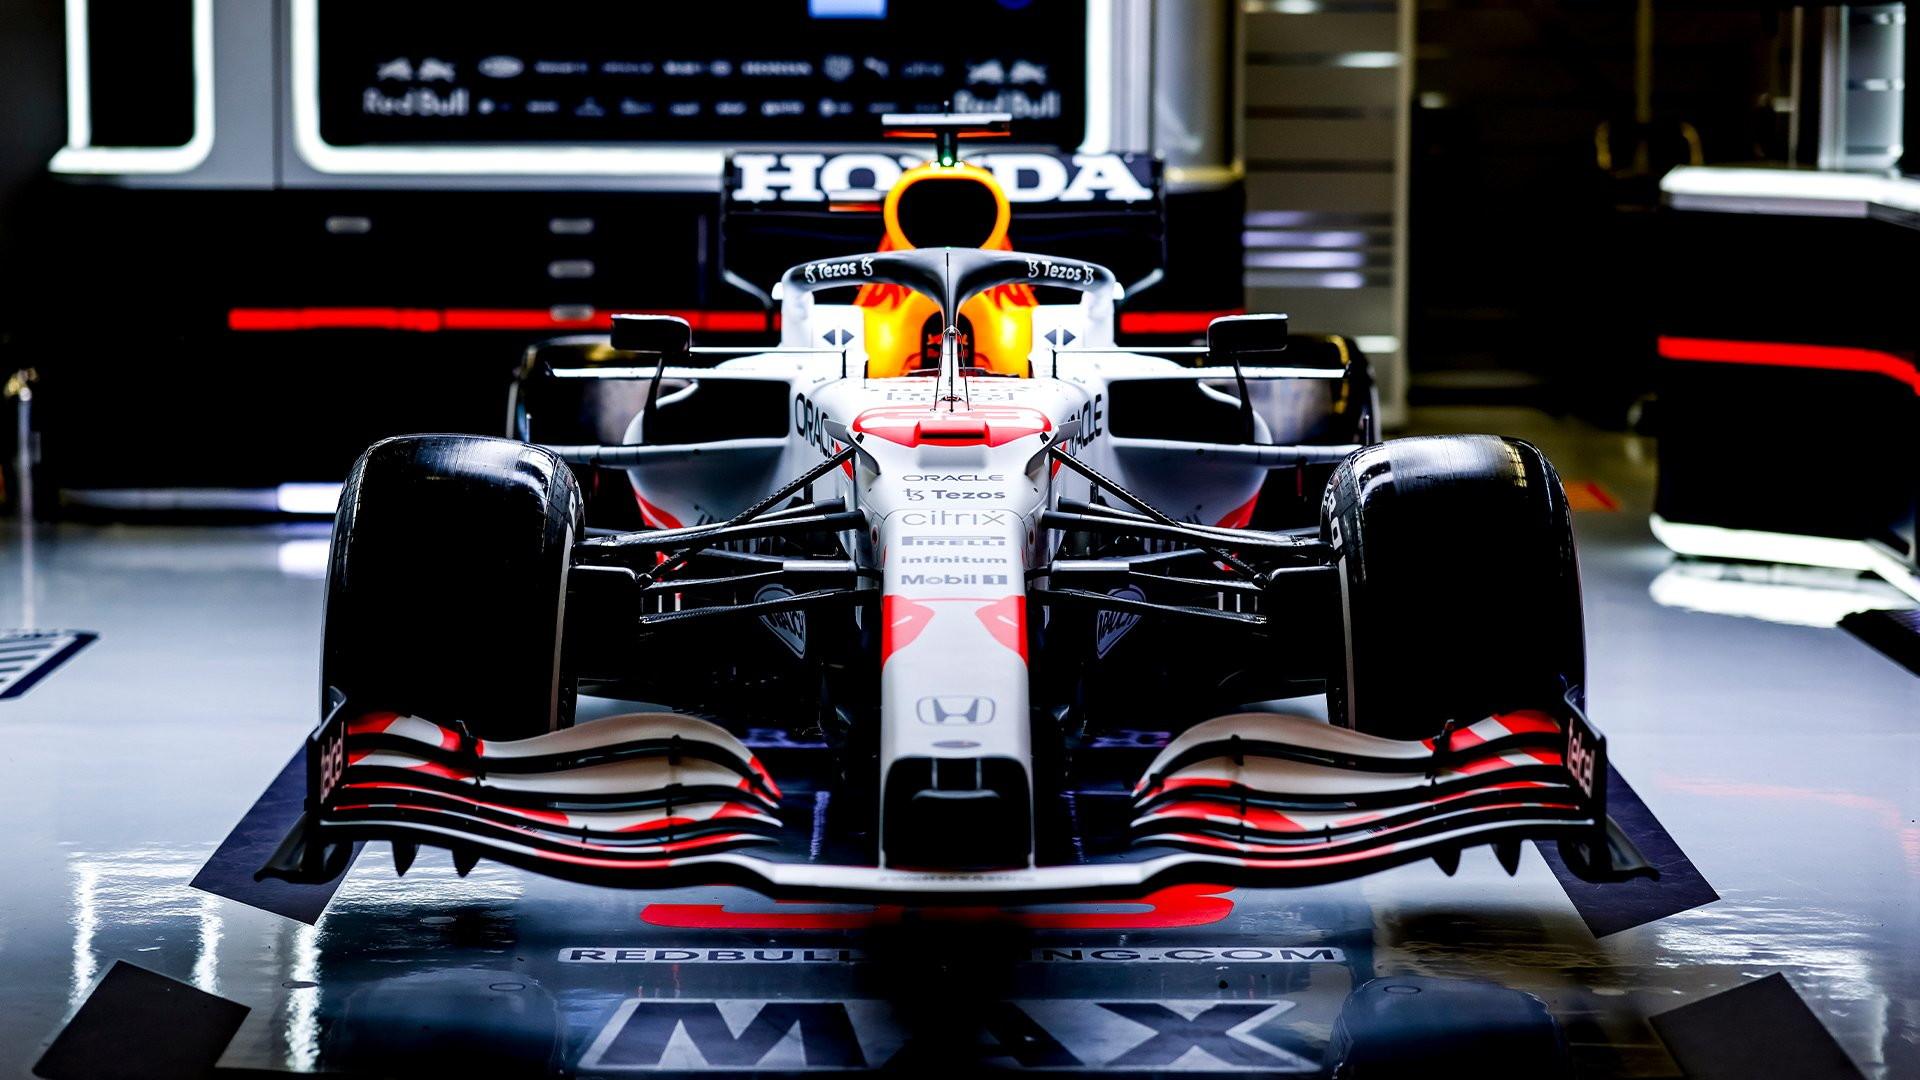 Red Bull ha deciso di correre il GP di Turchia con una livrea speciale dedicata alla Honda e al Giappone. Verstappen e Perez&nbsp;sfileranno&nbsp;in bianco con dettagli rossi che richiamano la bandiera nipponica. Questo weekend si sarebbe dovuto gareggiare&nbsp;a Suzuka, tappa&nbsp;poi cancellata per le norme Covid.&nbsp;Nell&#39;occasione, &egrave; stato annunciato che&nbsp;il distacco da Red Bull e AlphaTauri avverr&agrave;&nbsp;gradualmente nonostante il ritiro di Honda a fine stagione. La scuderia anglo-austriaca ed il marchio giapponese hanno svelato gli accordi di collaborazione per il 2022: Honda continuer&agrave;&nbsp;a sviluppare la propria power unit per Red Bull e AlphaTauri durante il prossimo anno. Questa sar&agrave;&nbsp;per&ograve;&nbsp;sotto la supervisione di una societ&agrave;&nbsp;di nuova costituzione: Red Bull Powertrains. Honda continuer&agrave;&nbsp;a fornire supporto operativo in pista e in gara dal Giappone durante tutto il mondiale. Dal 2023, Red Bull Powertrains si assumer&agrave;&nbsp;la piena responsabilit&agrave;&nbsp;di tutta la produzione e la manutenzione dei motori. Red Bull, inoltre, assumer&agrave;&nbsp;i tecnici che lavorano nella base britannica di Honda a Milton Keynes.<br /><br />